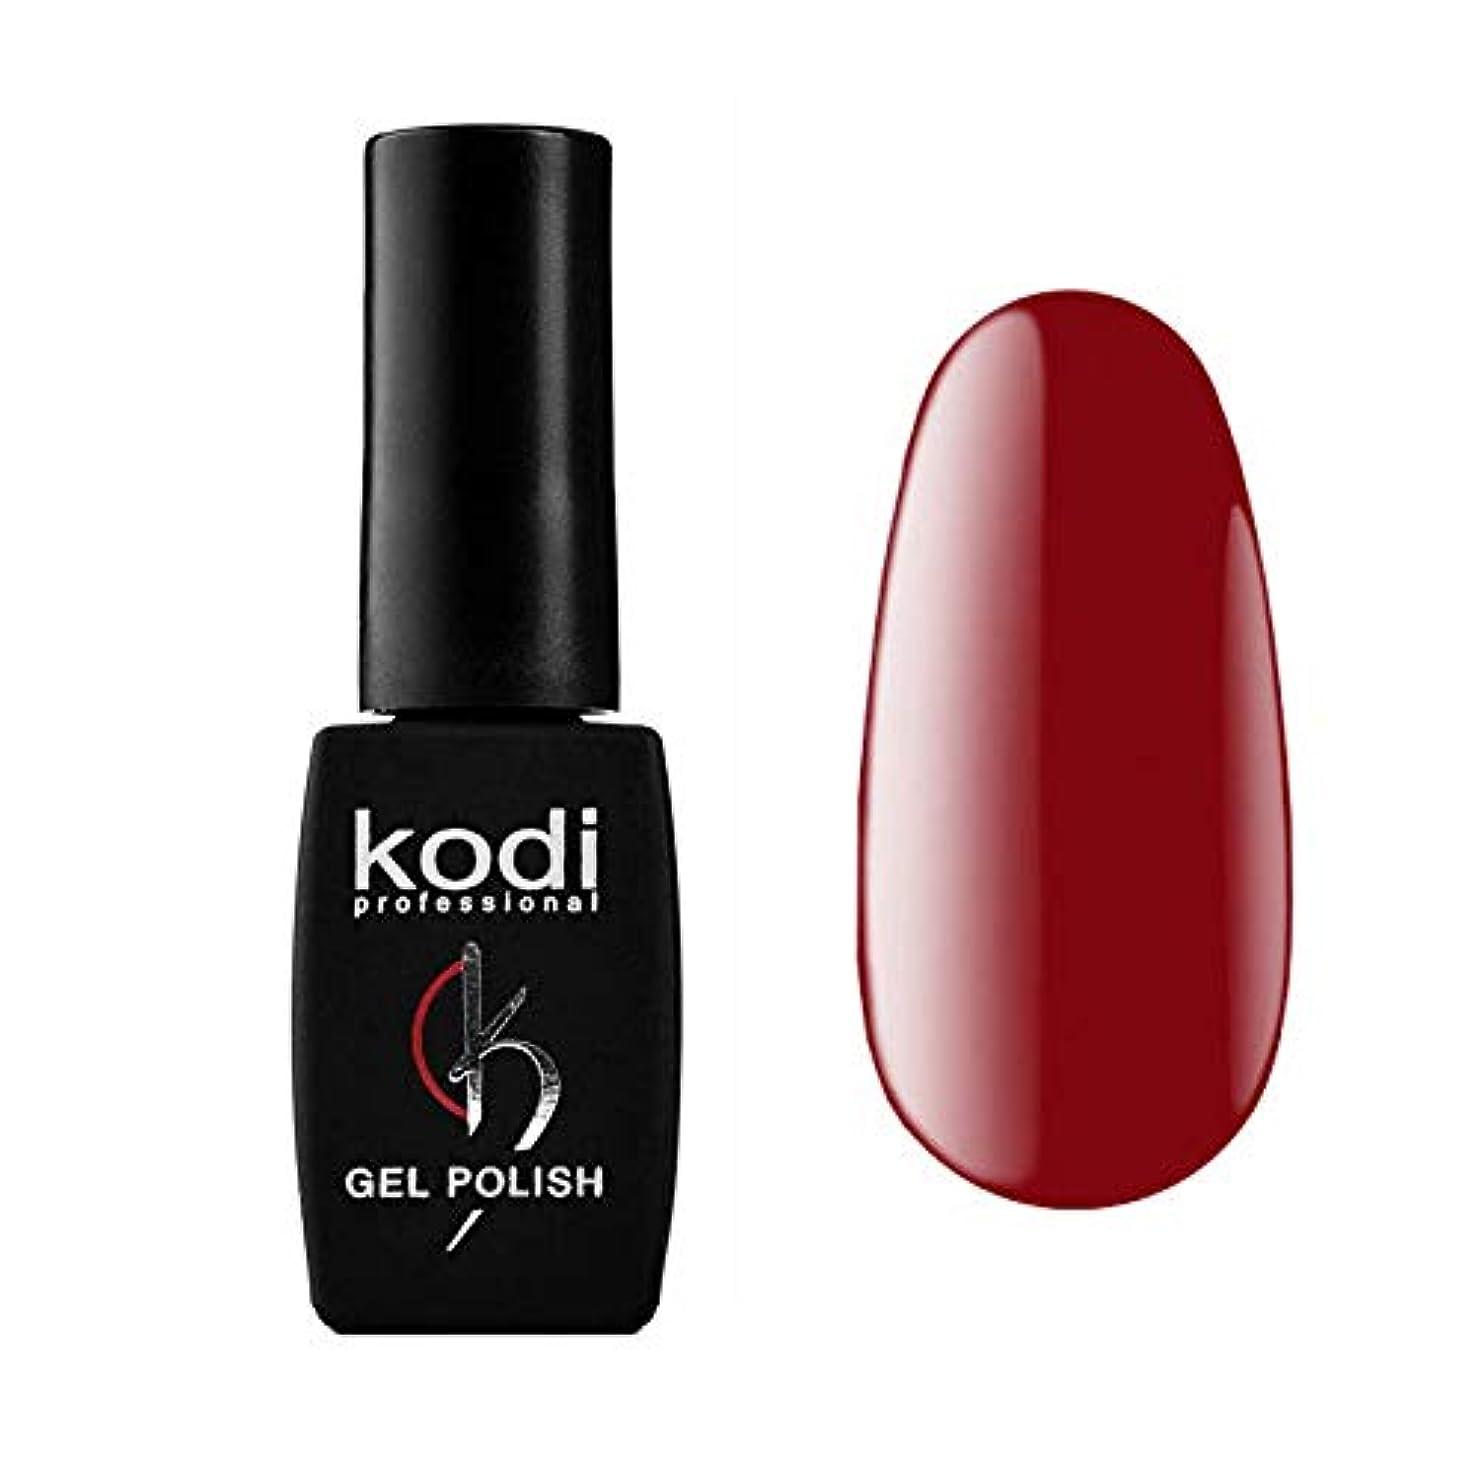 多年生モール最大Kodi Professional New Collection R RED #20 Color Gel Nail Polish 12ml 0.42 Fl Oz LED UV Genuine Soak Off